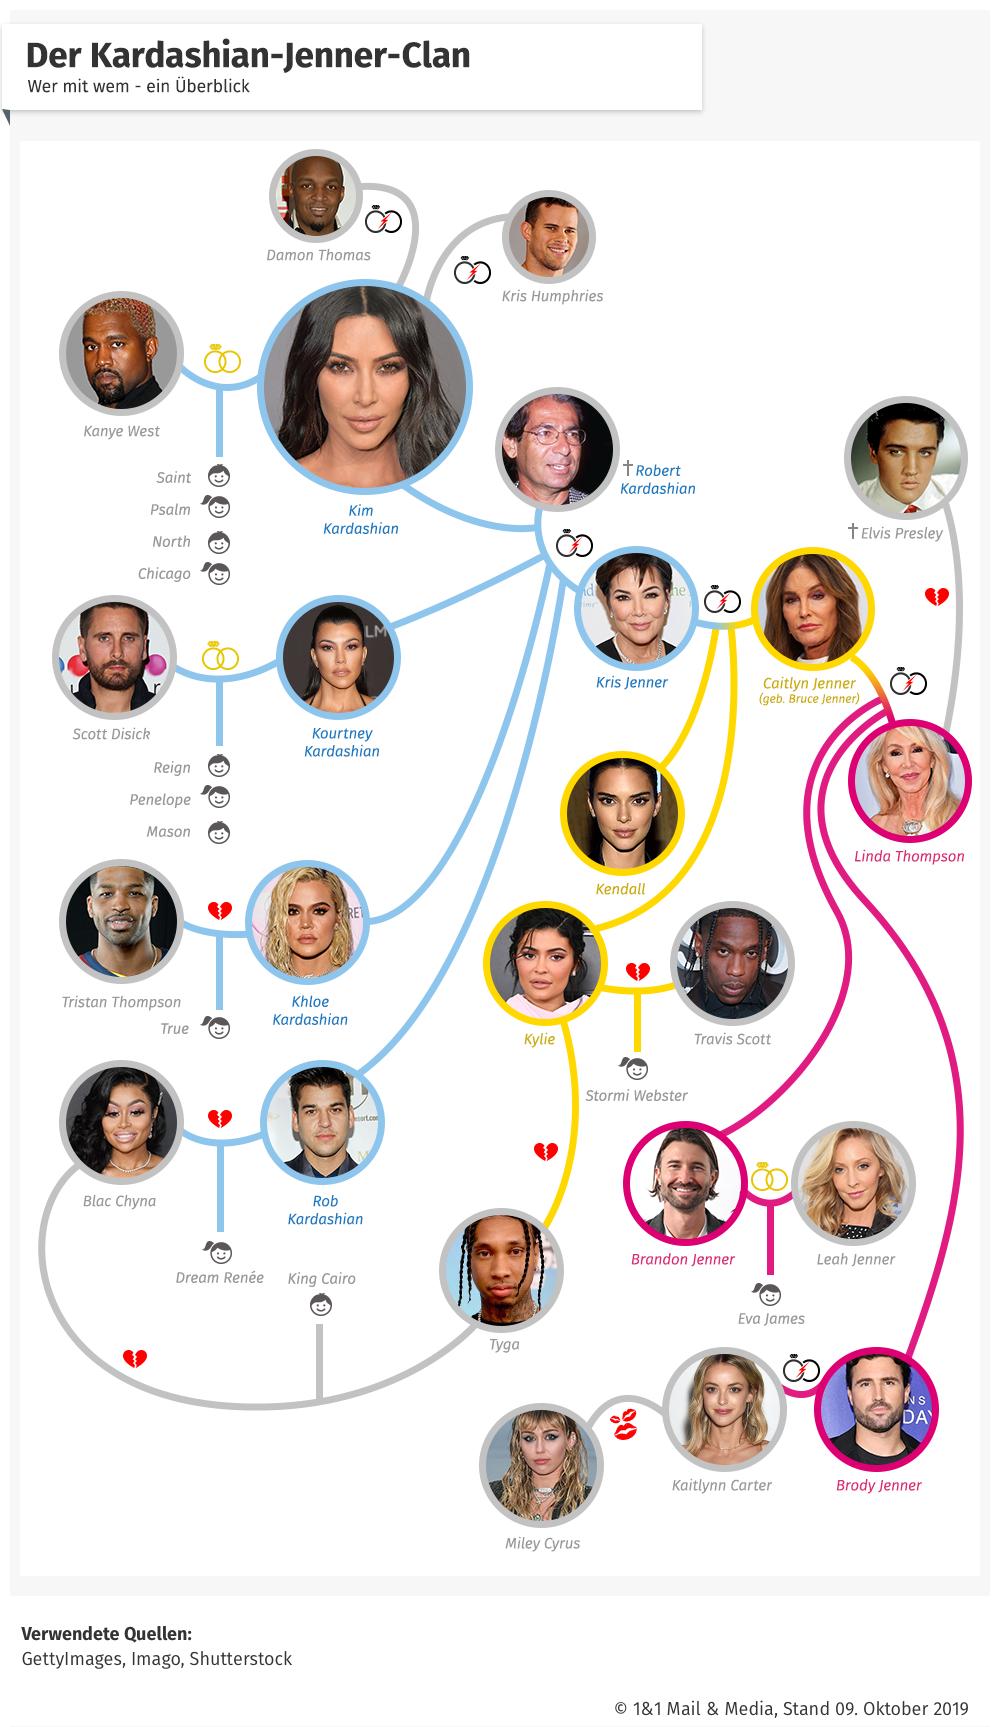 Kardashian-Jenner-Clan Stammbaum